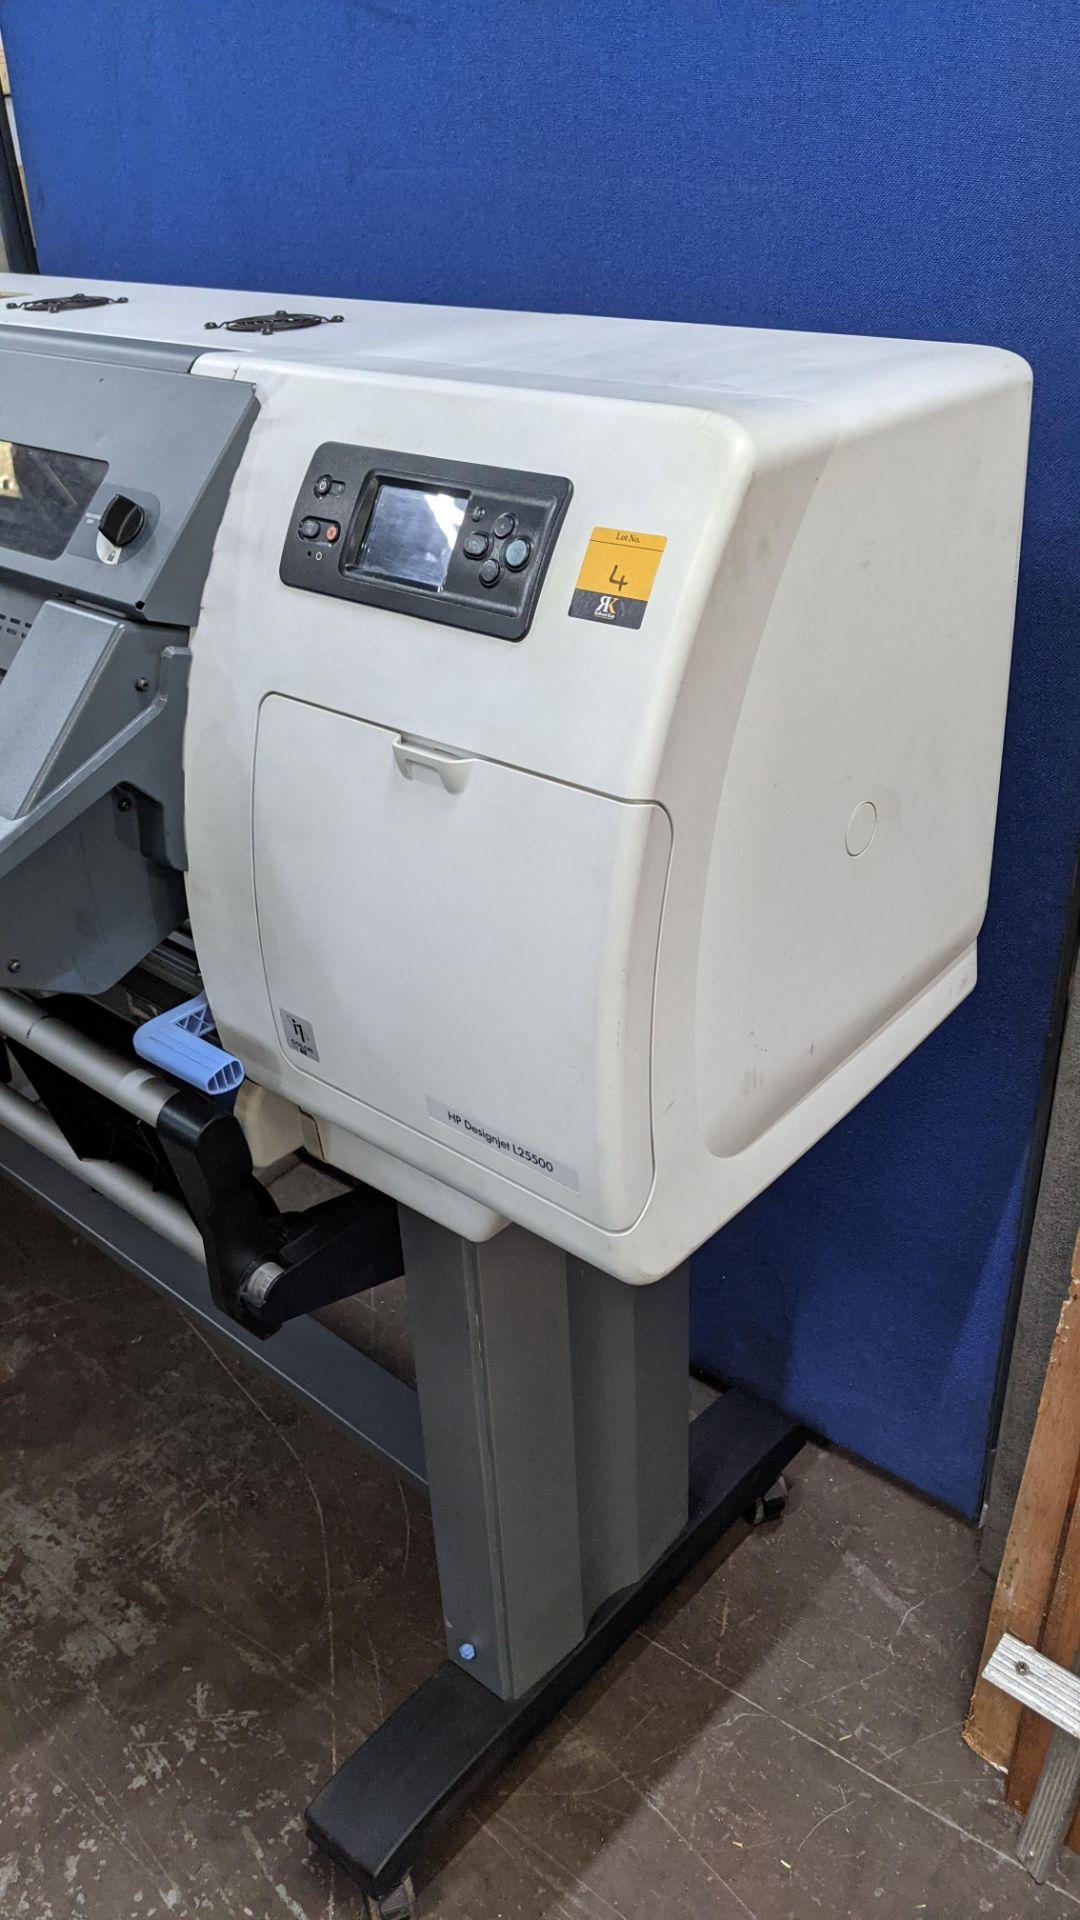 HP DesignJet L25500 wide format printer - Image 6 of 9